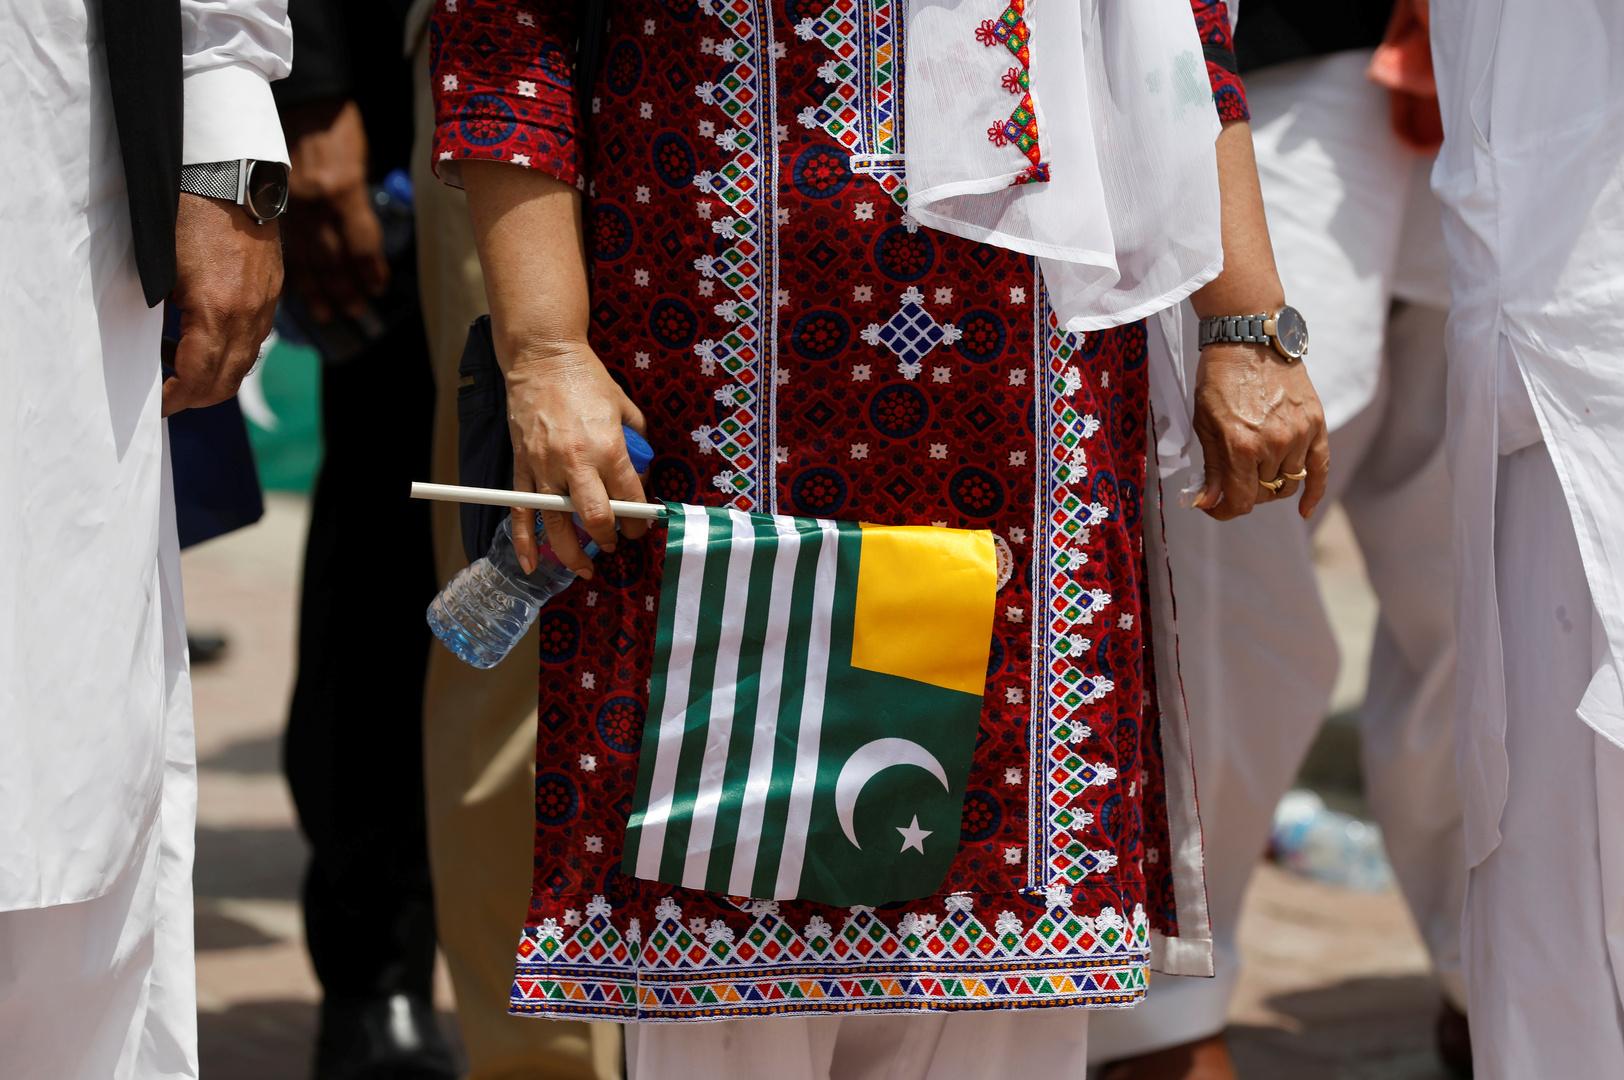 باكستان تريد منح جزء من كشمير وضعا إقليميا مؤقتا والهند تبدي رفضها